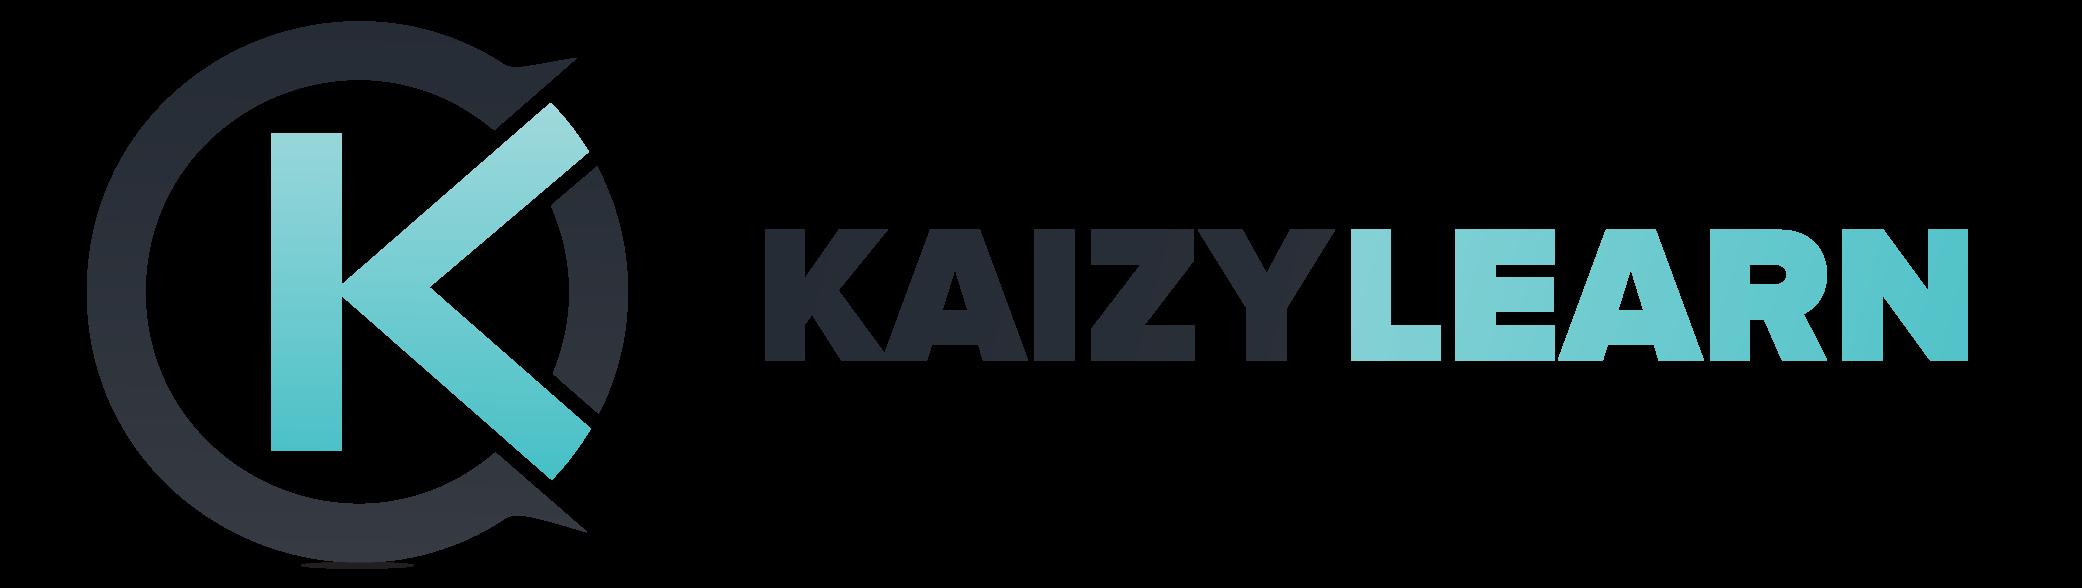 KAIZY LEARN